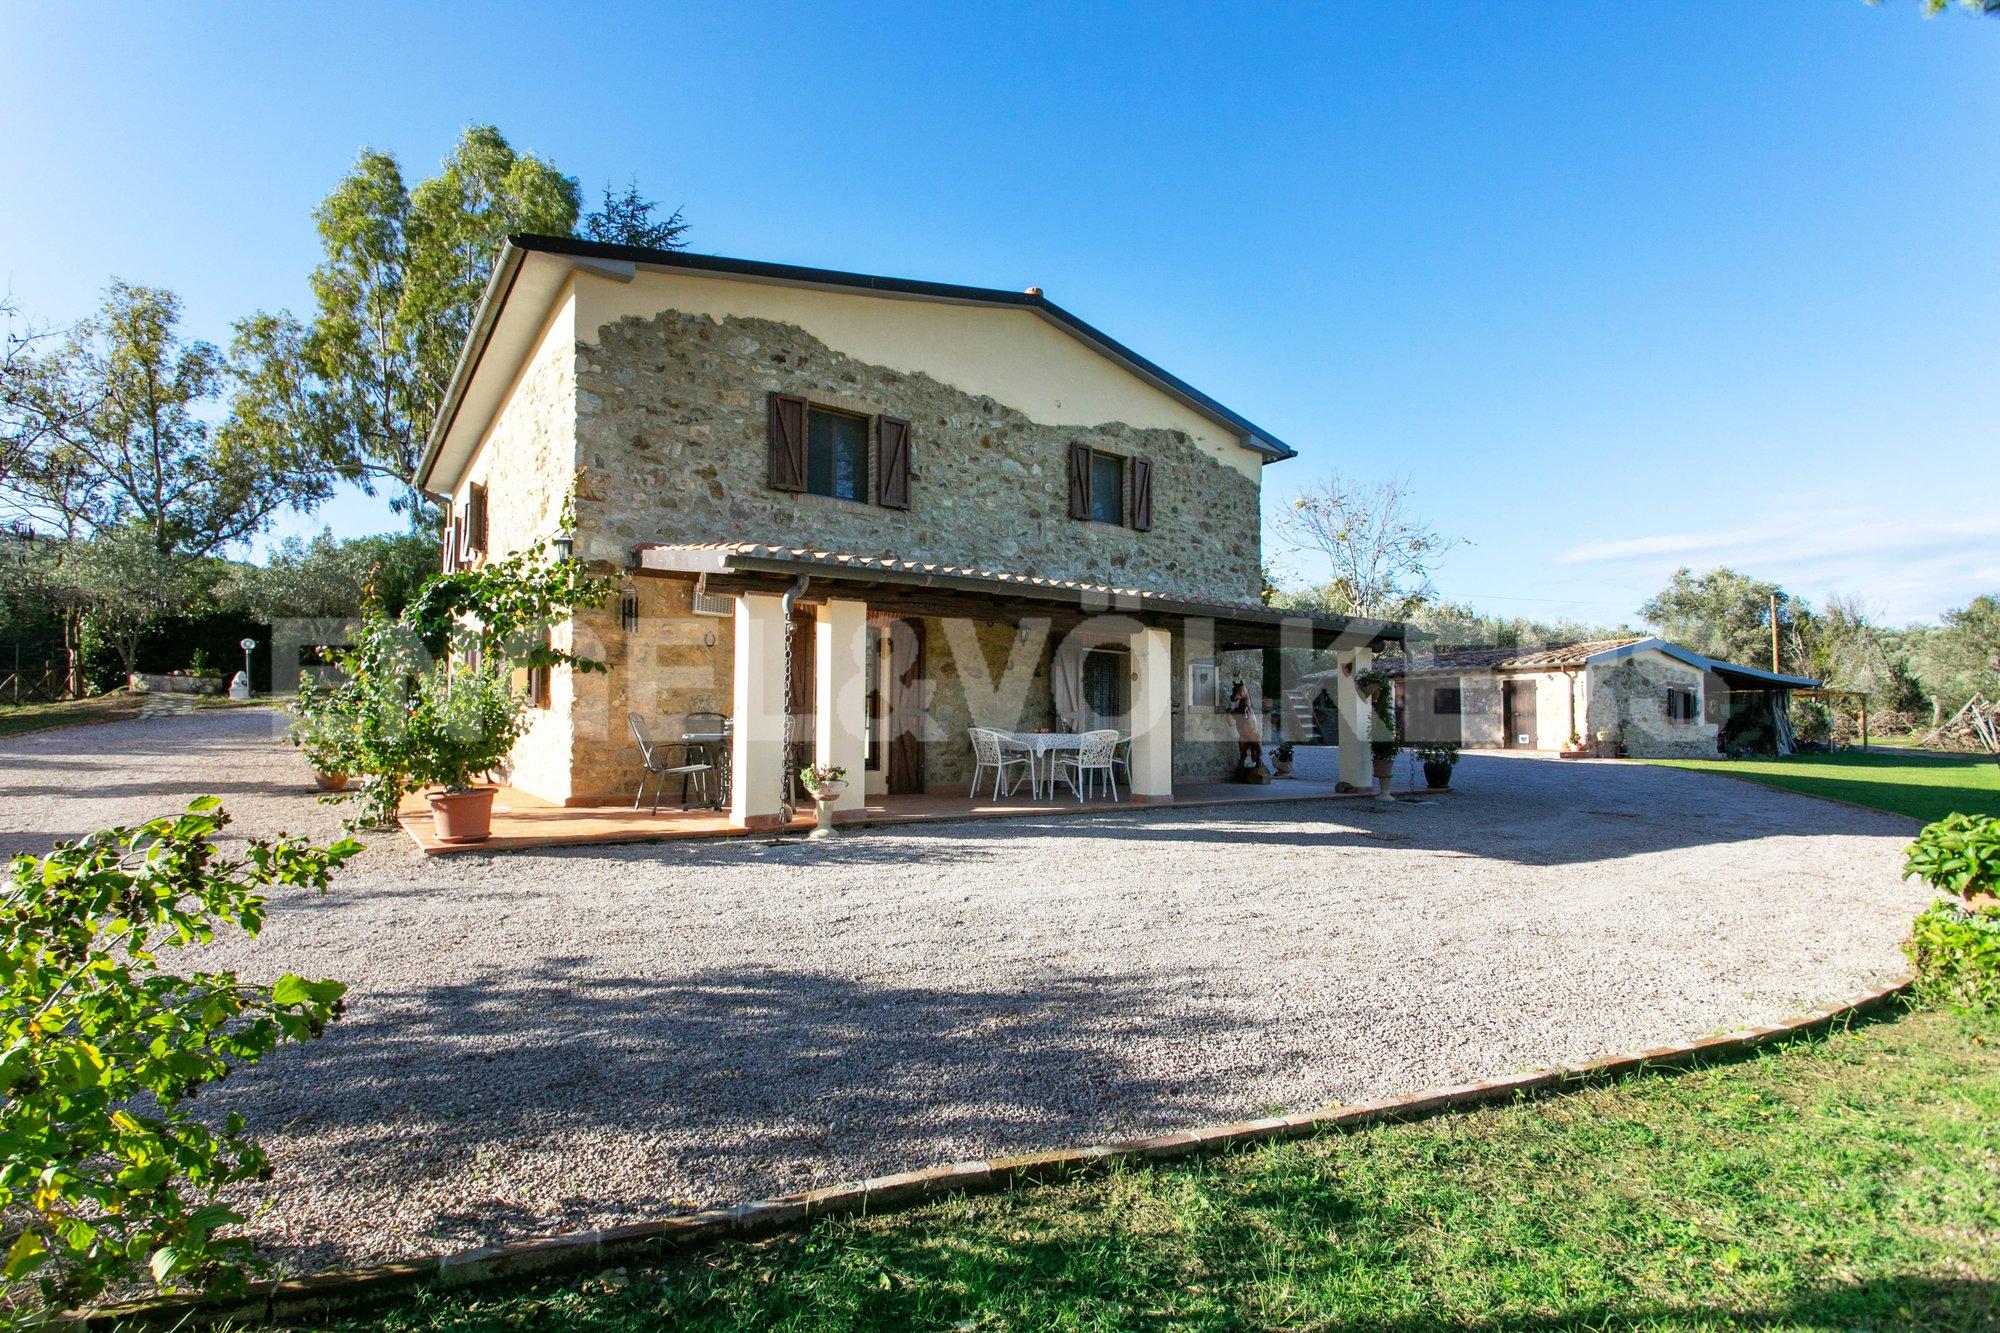 Country House in Vetulonia, Tuscany, Italy 1